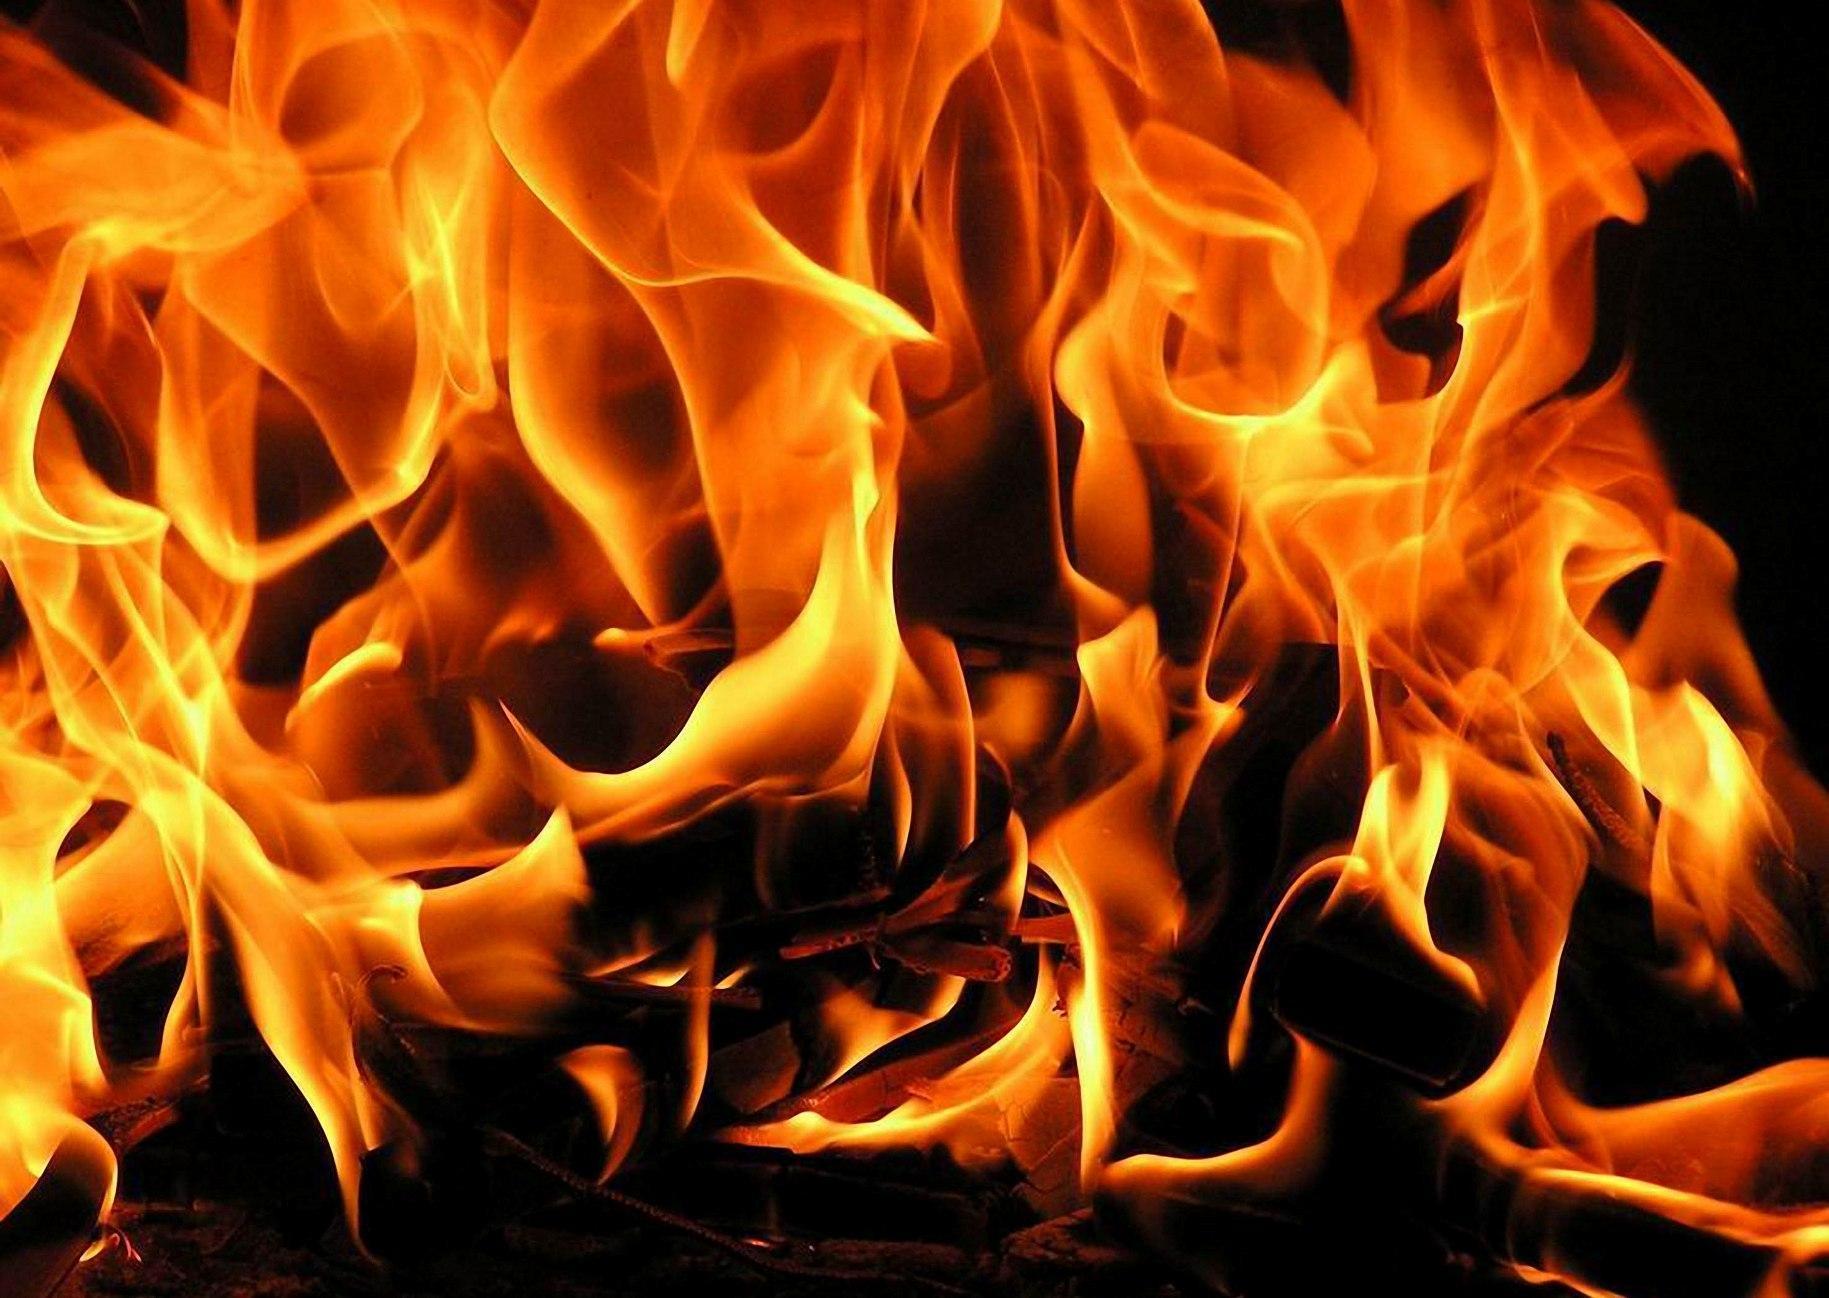 Free Desktop Wallpaper Fire: Fire Wallpapers Free